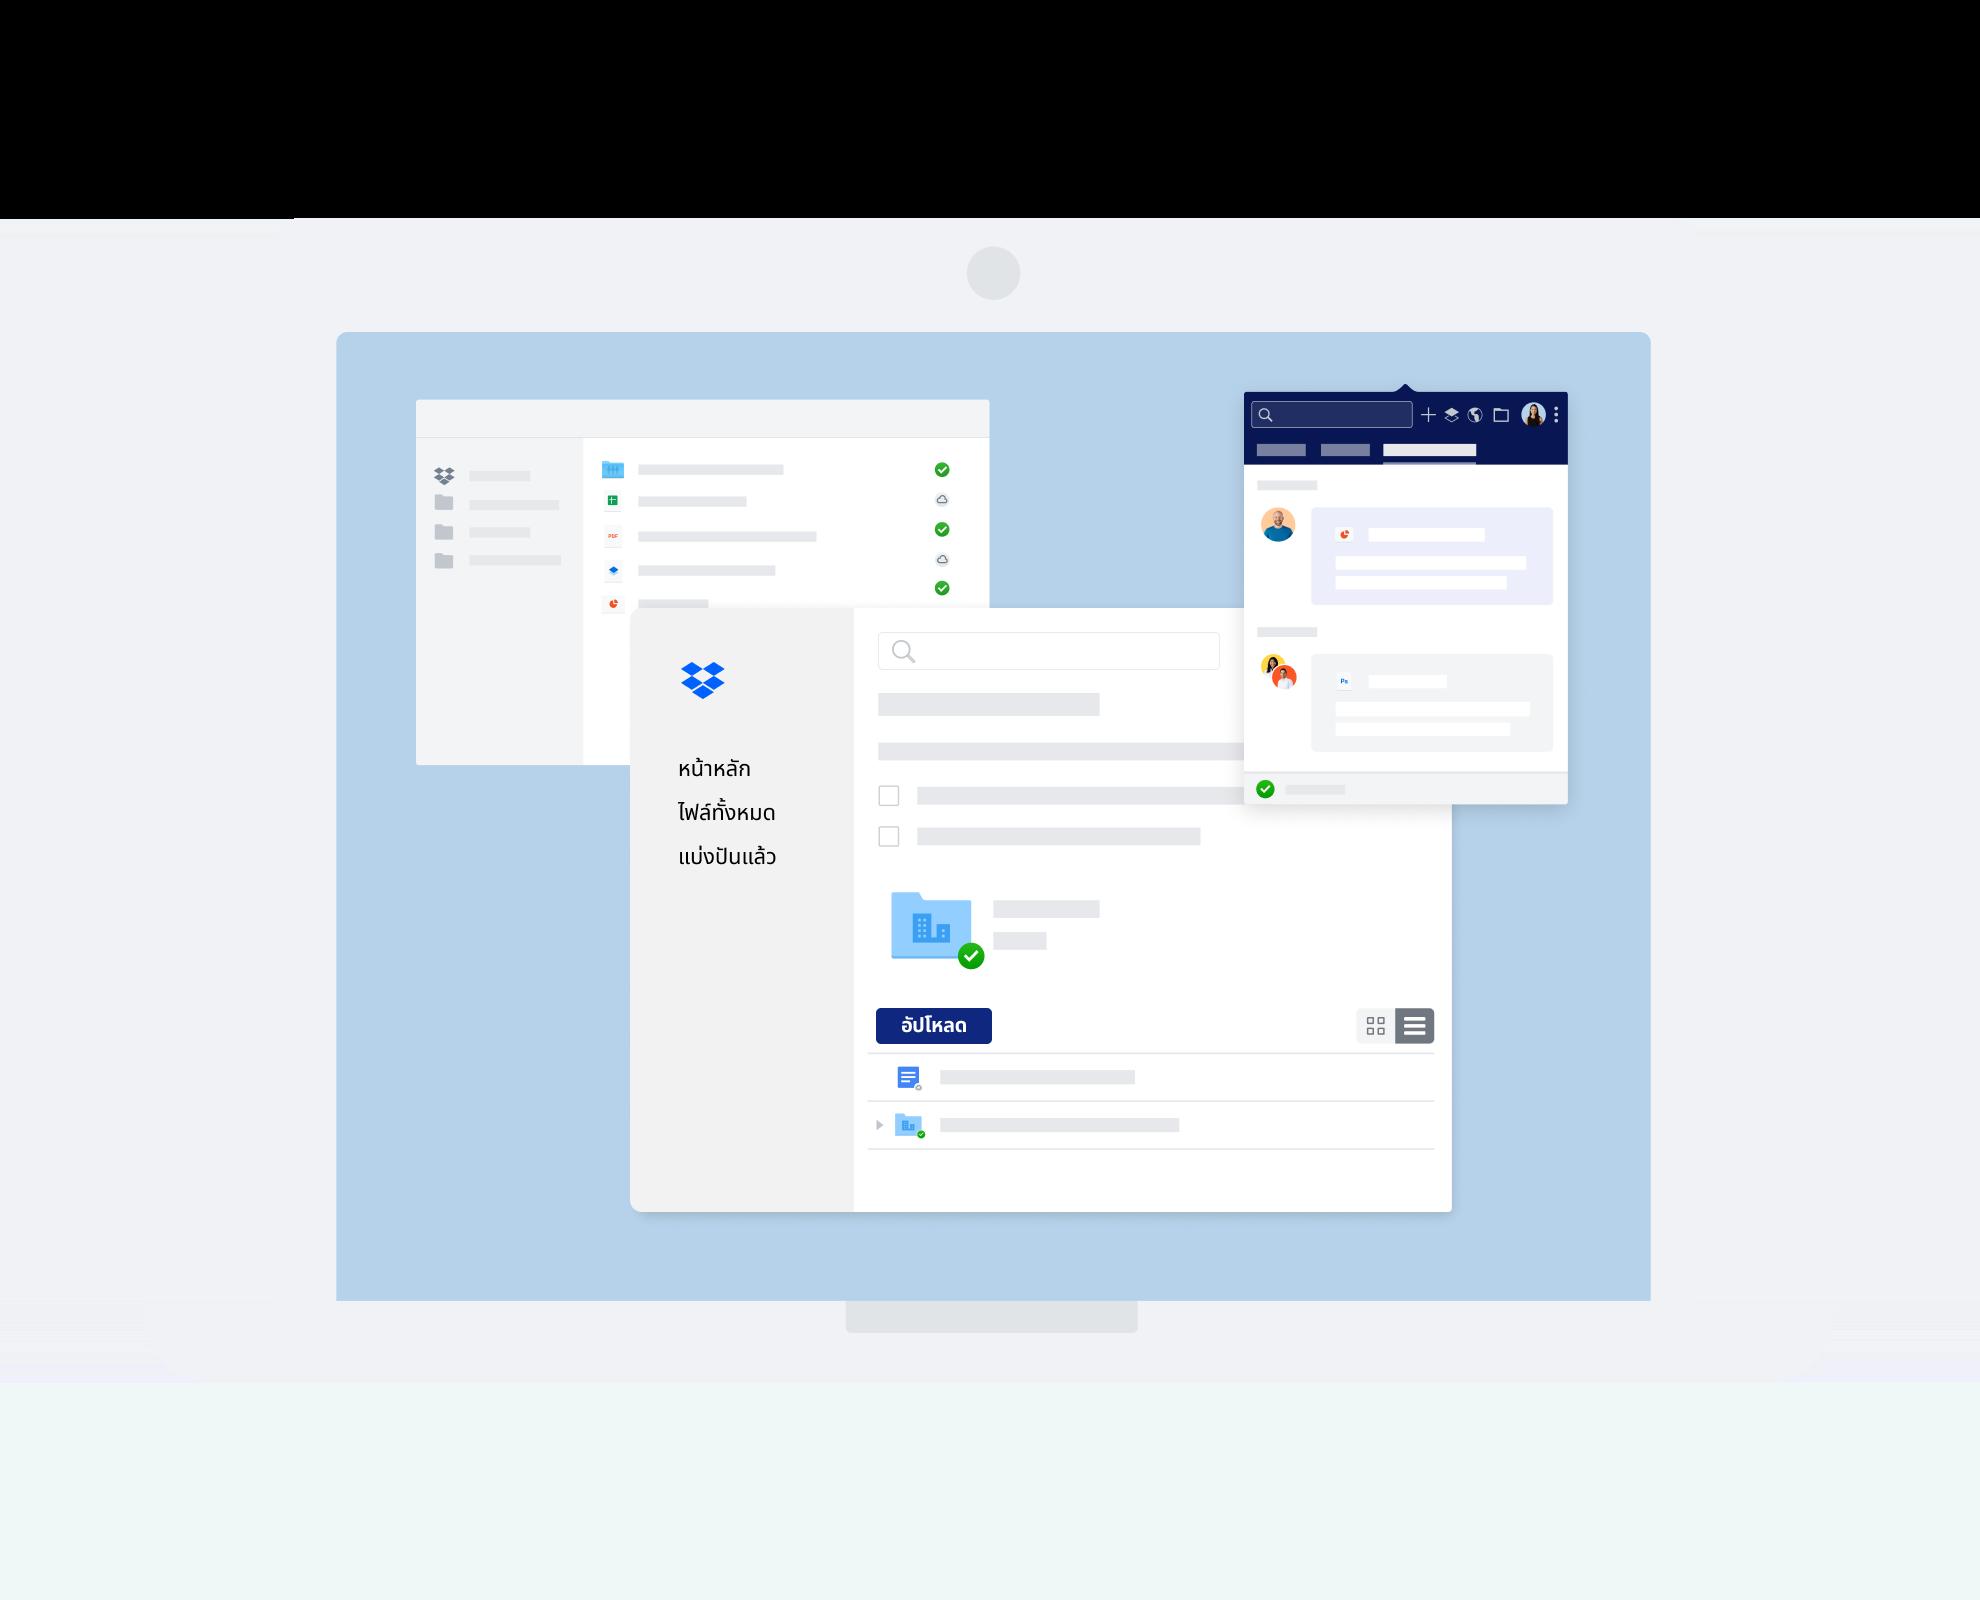 อินเตอร์เฟส Dropbox ที่หลากหลายสำหรับการติดต่อสื่อสารและการทำงานร่วมกัน